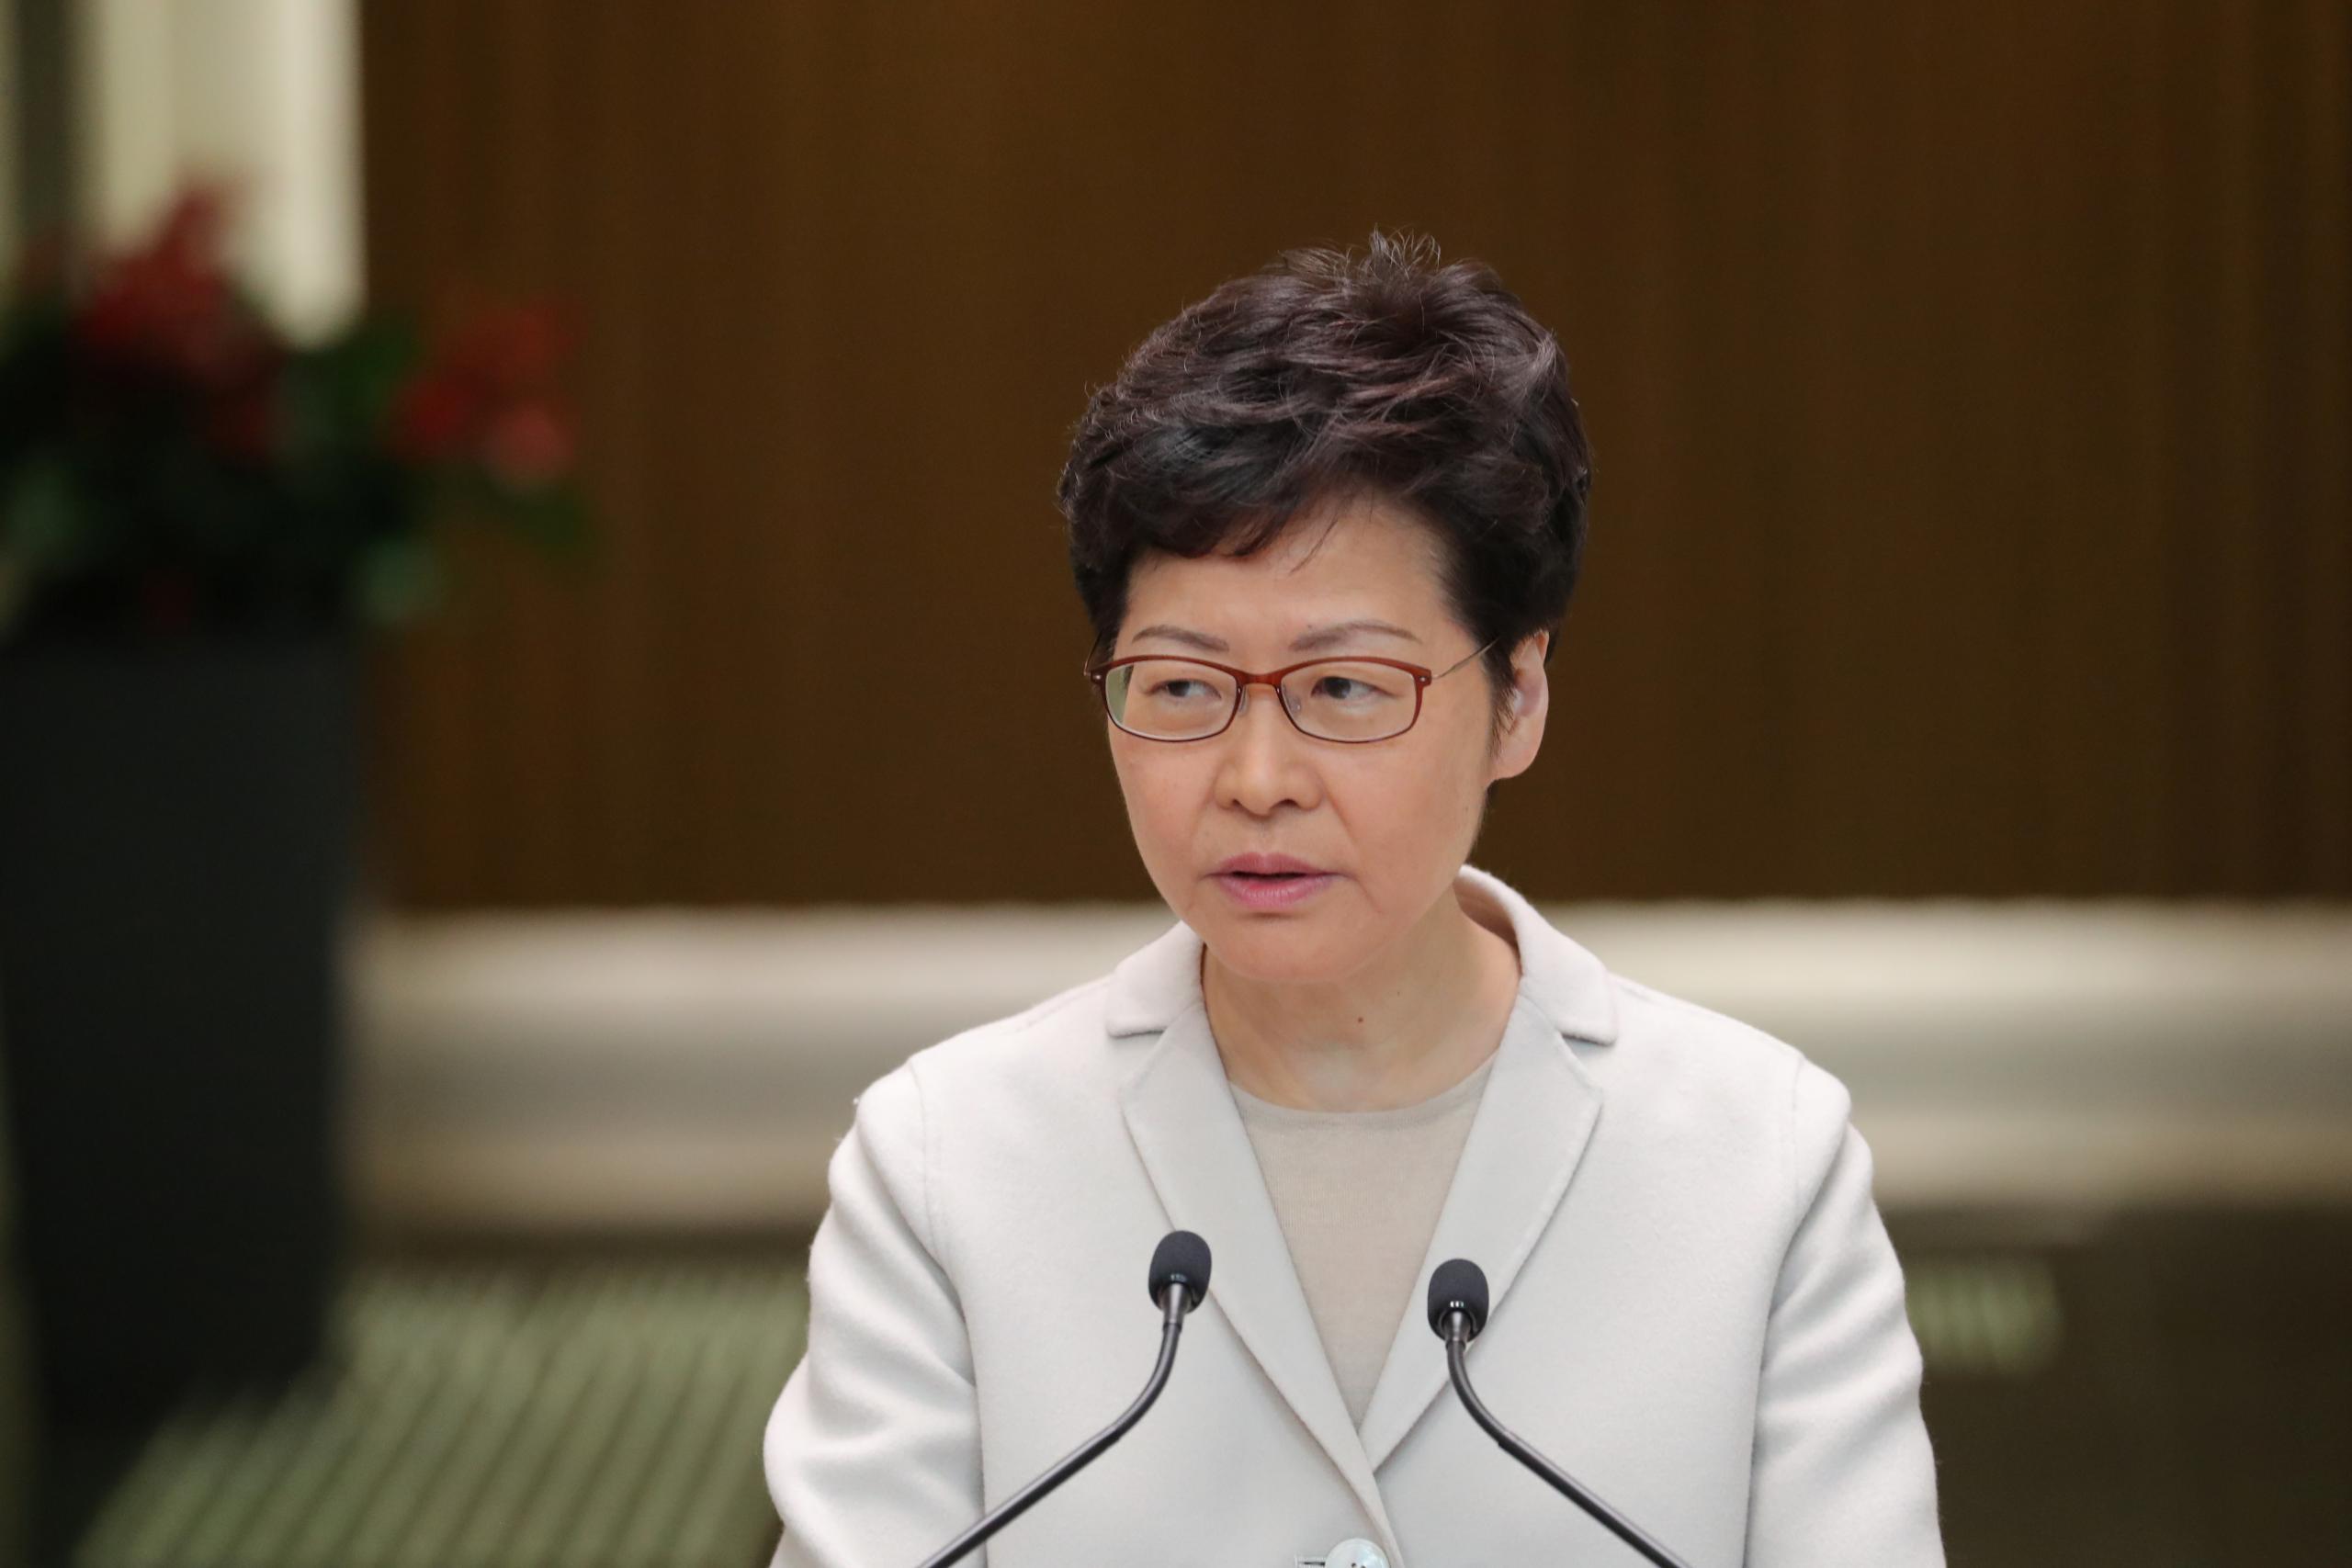 الرئيسة التنفيذية لهونغ كونغ كاري لام